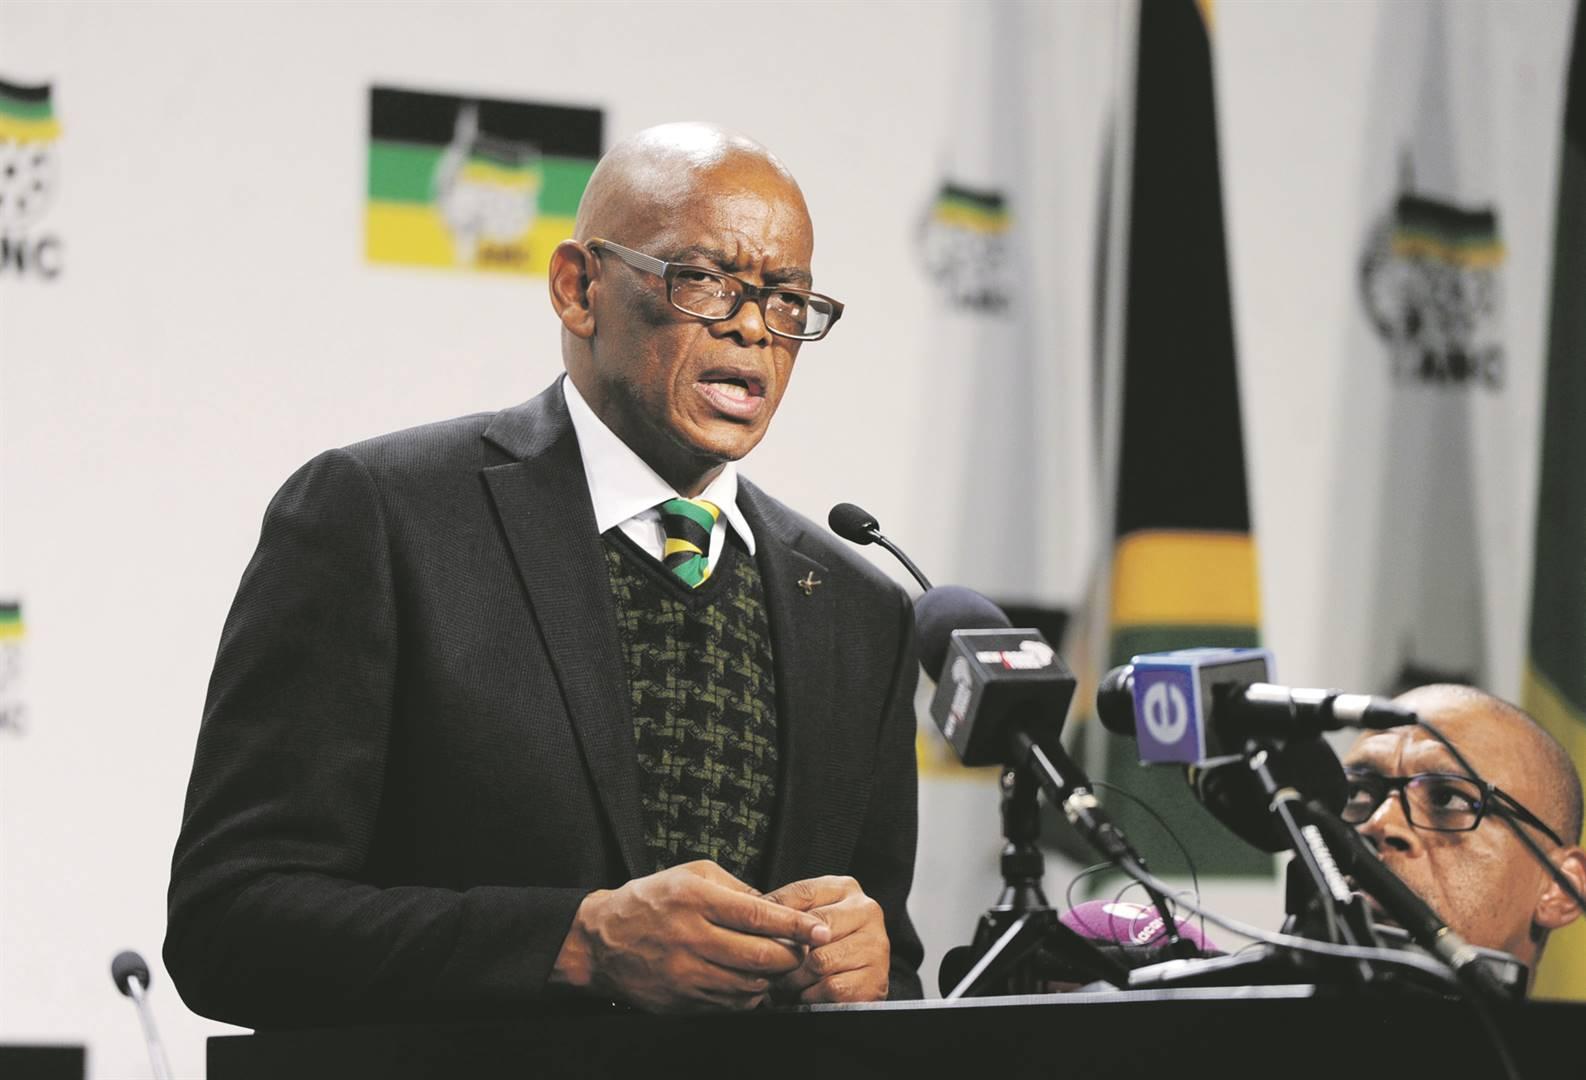 Suspended ANC secretary-general Ace Magashule addressing journalists. Photo: Jabu Kumalo